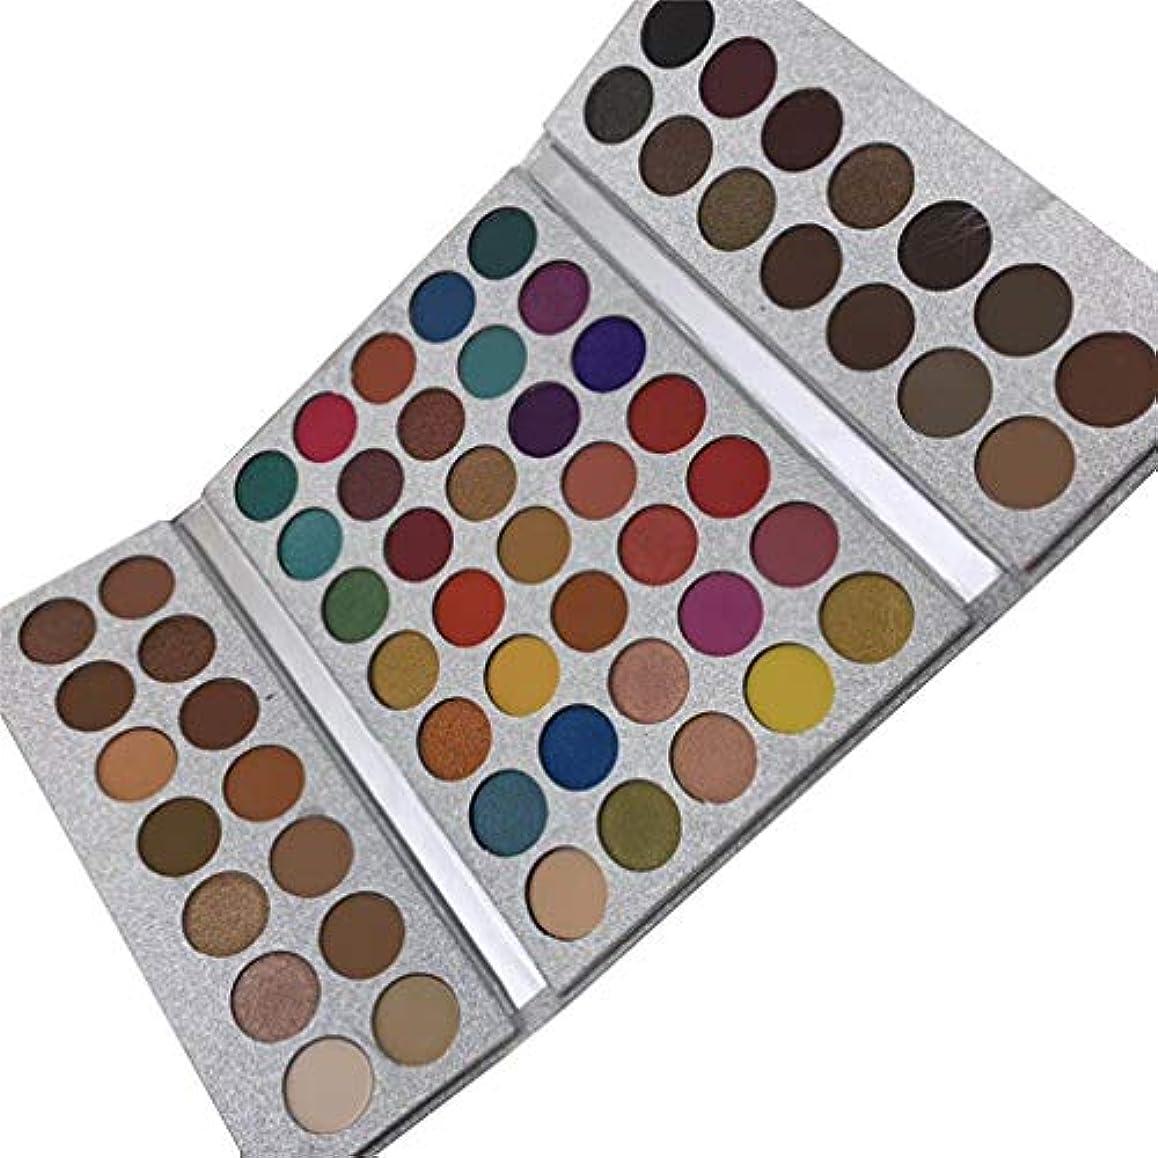 識字ヒゲの量64色のハイグロスマットアイシャドウグリッターアイシャドウ防水顔料ラスティングアイシャドウアイメイク化粧品